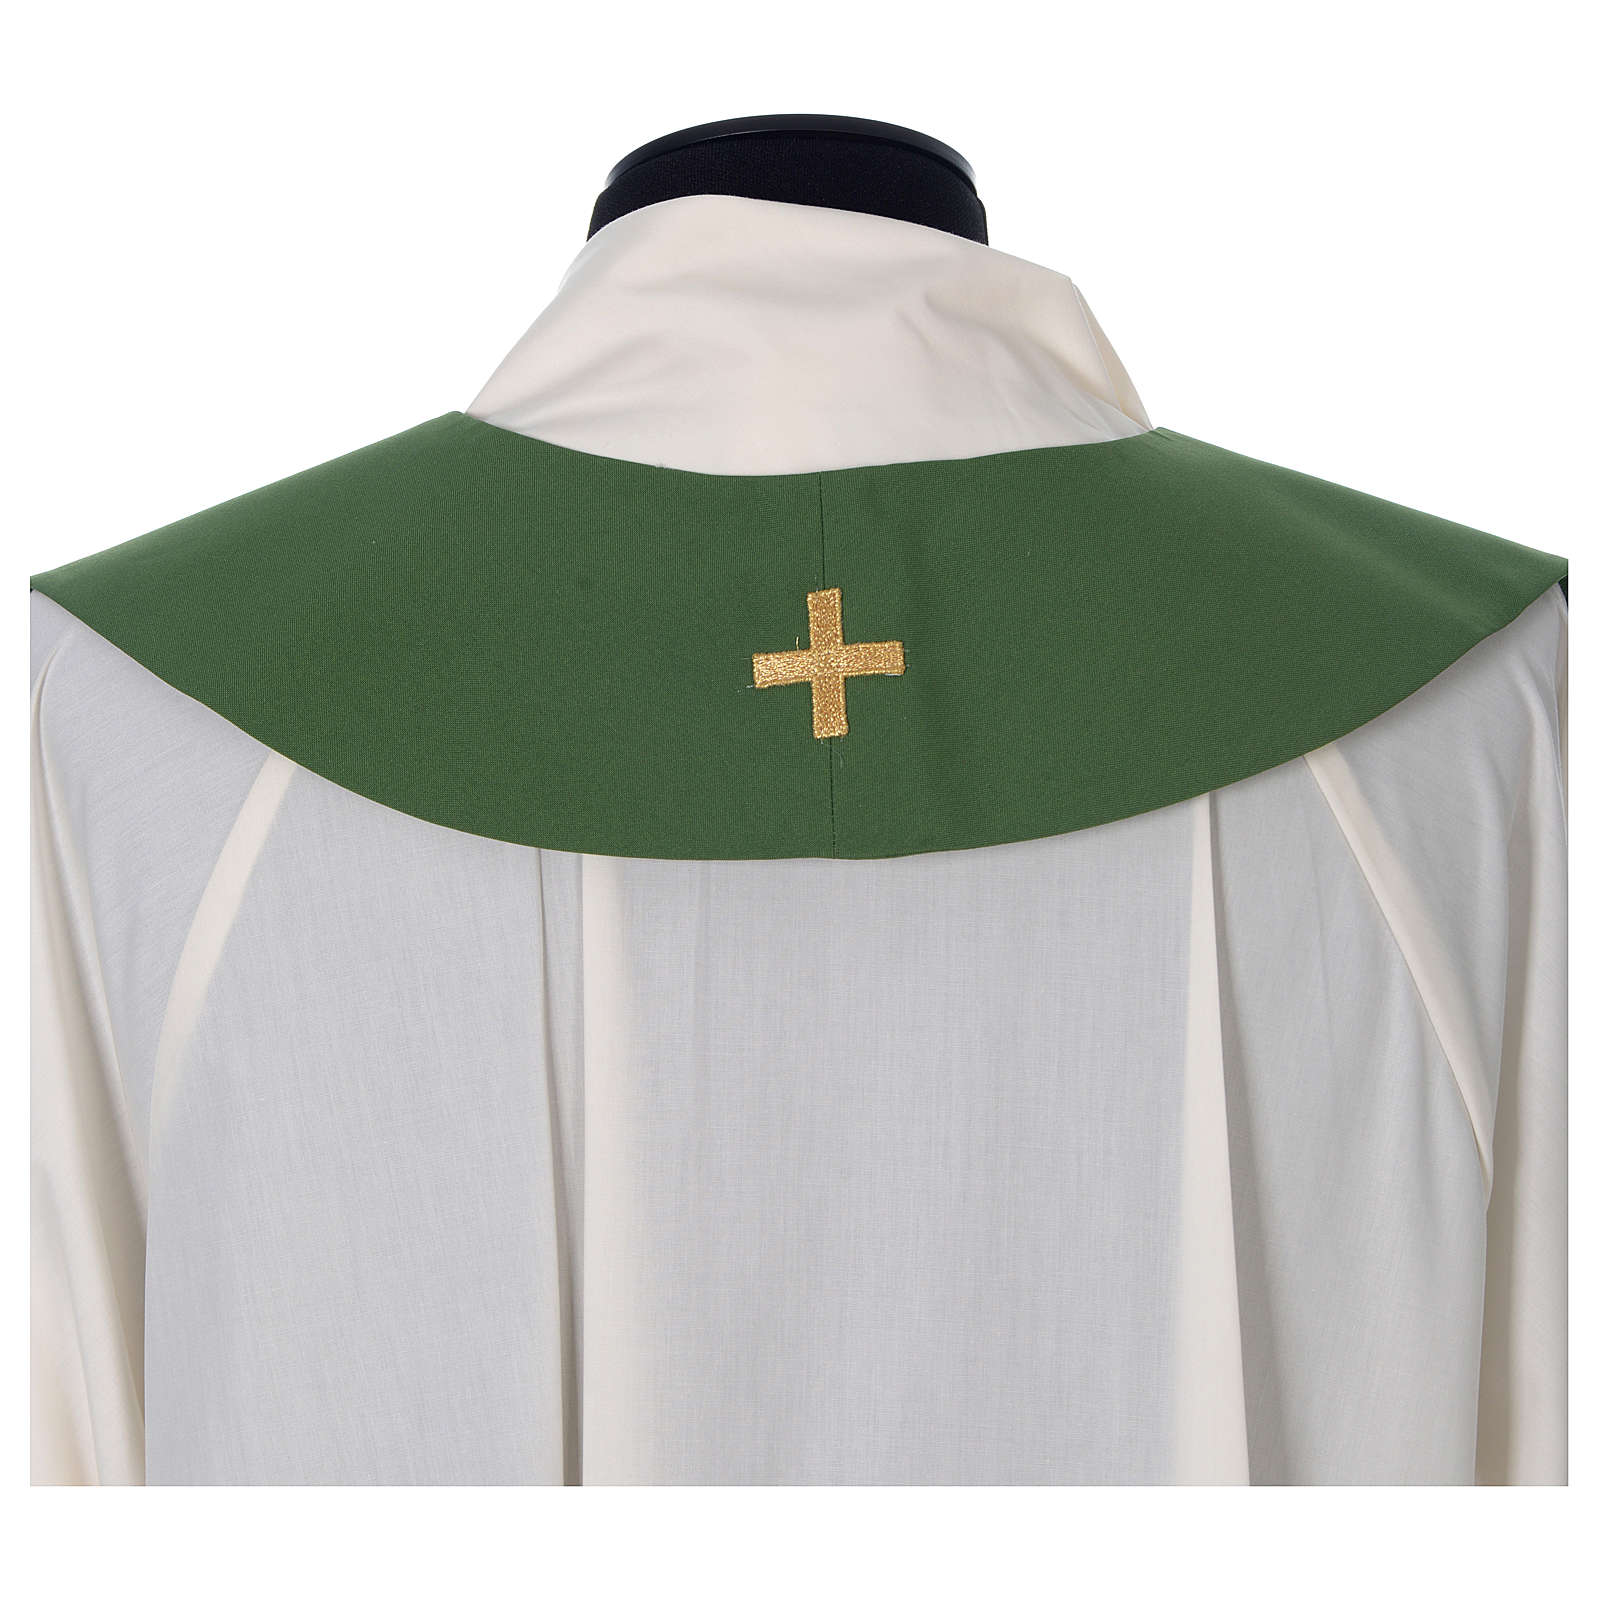 Estola sacerdotal espiga uva hoja bordado dorado 4